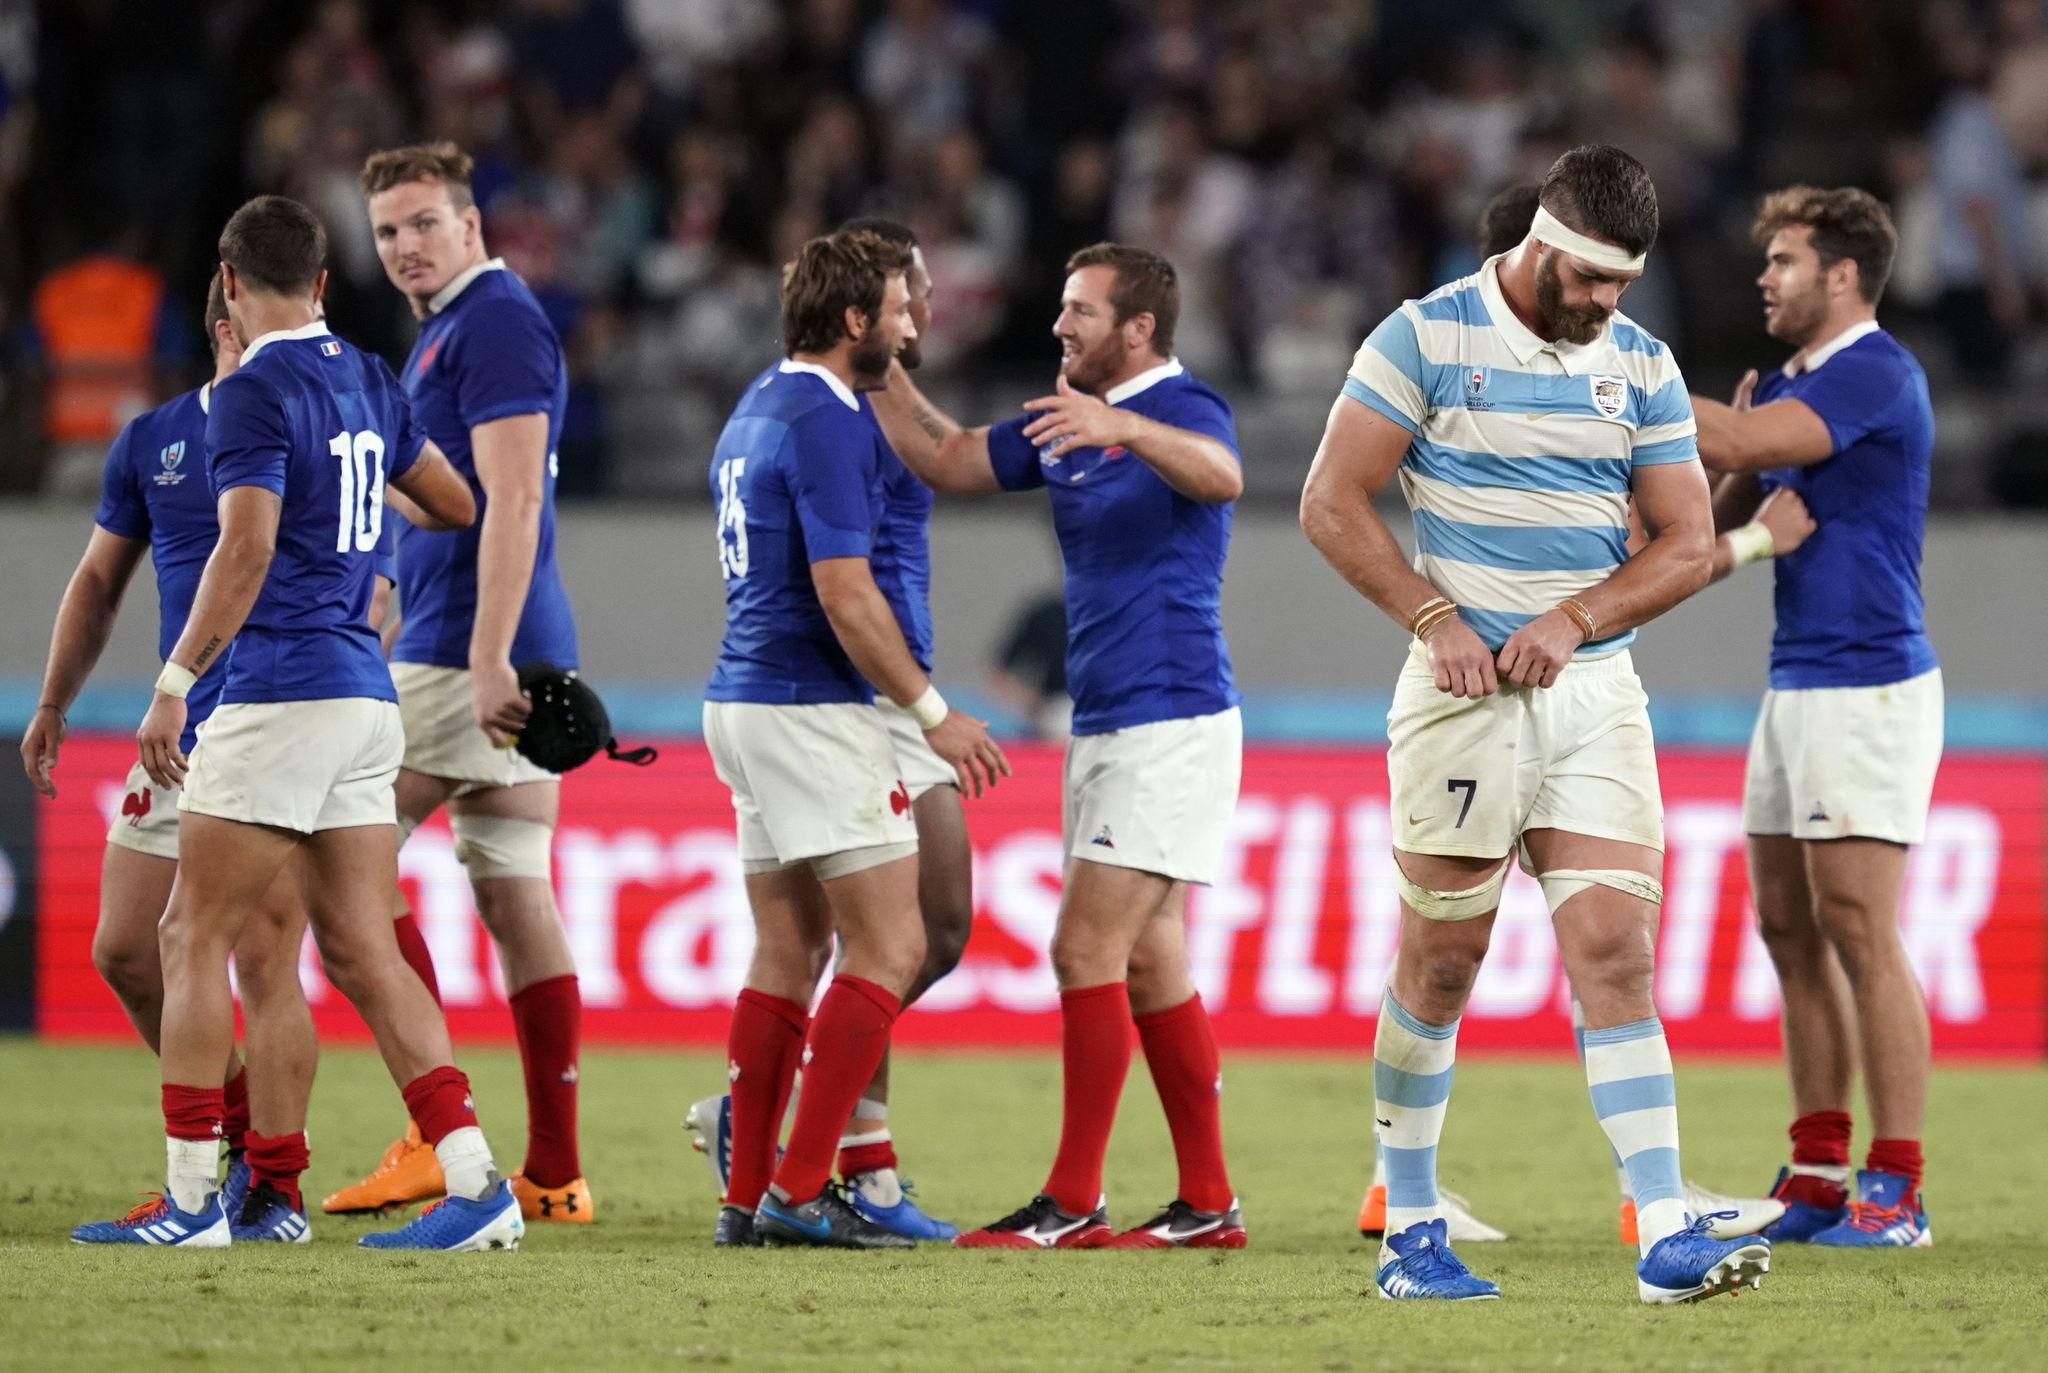 Sentirse mal tabaco Restringido  Rugby: El reto de jugar dos partidos cada cuatro días | Mundial de Rugby  2019